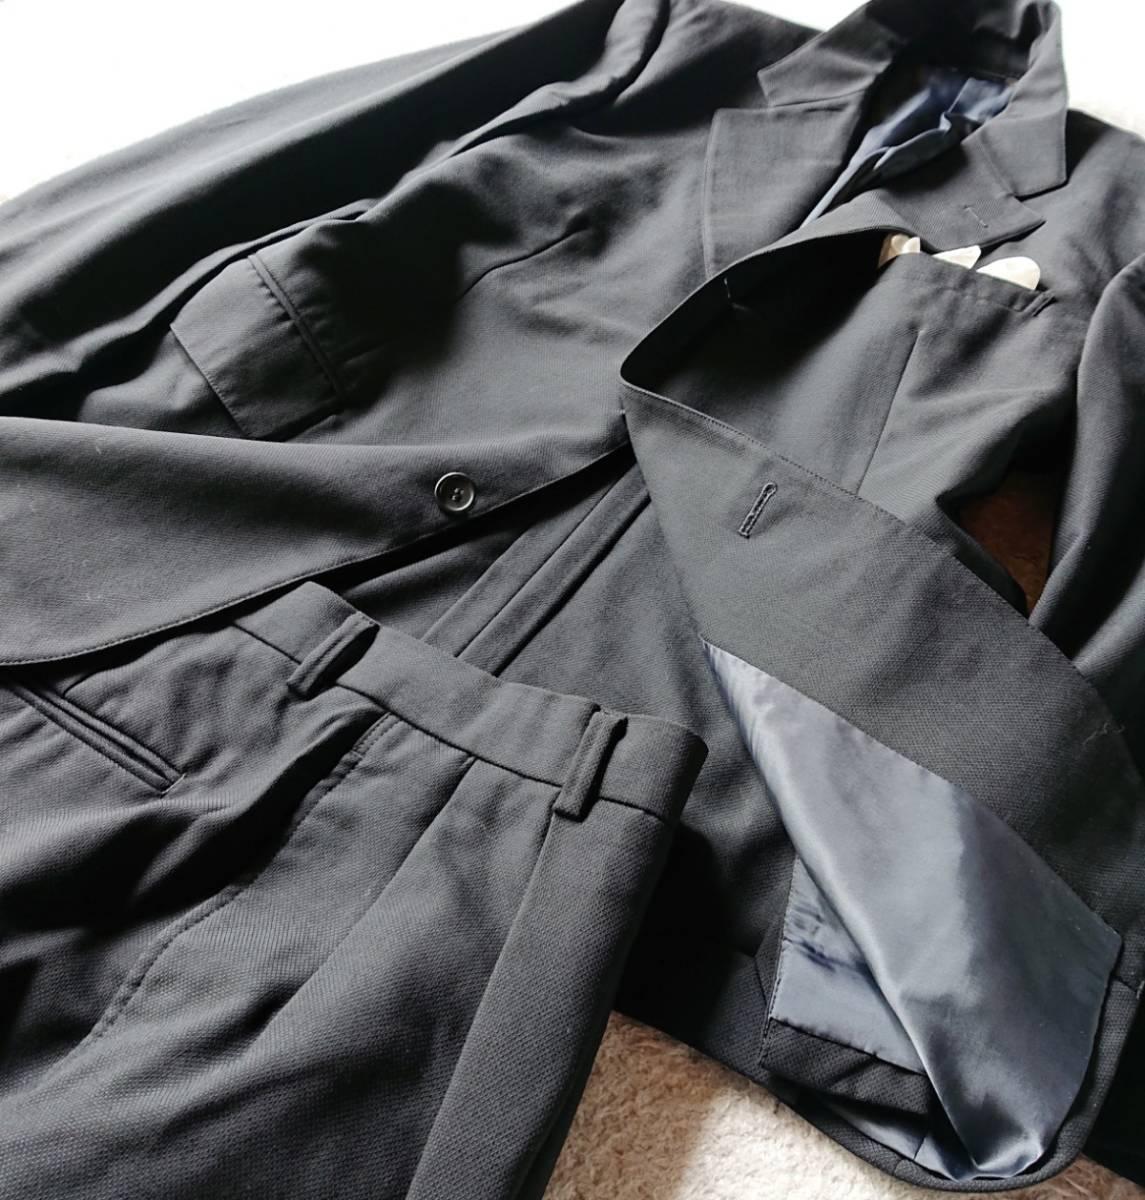 高級ピュアニューウール100% 日本製 予備パンツ付き★ ブルックス ブラザーズ スーツ セットアップ メンズ ブラック 黒 ビジネス 背抜き_画像5